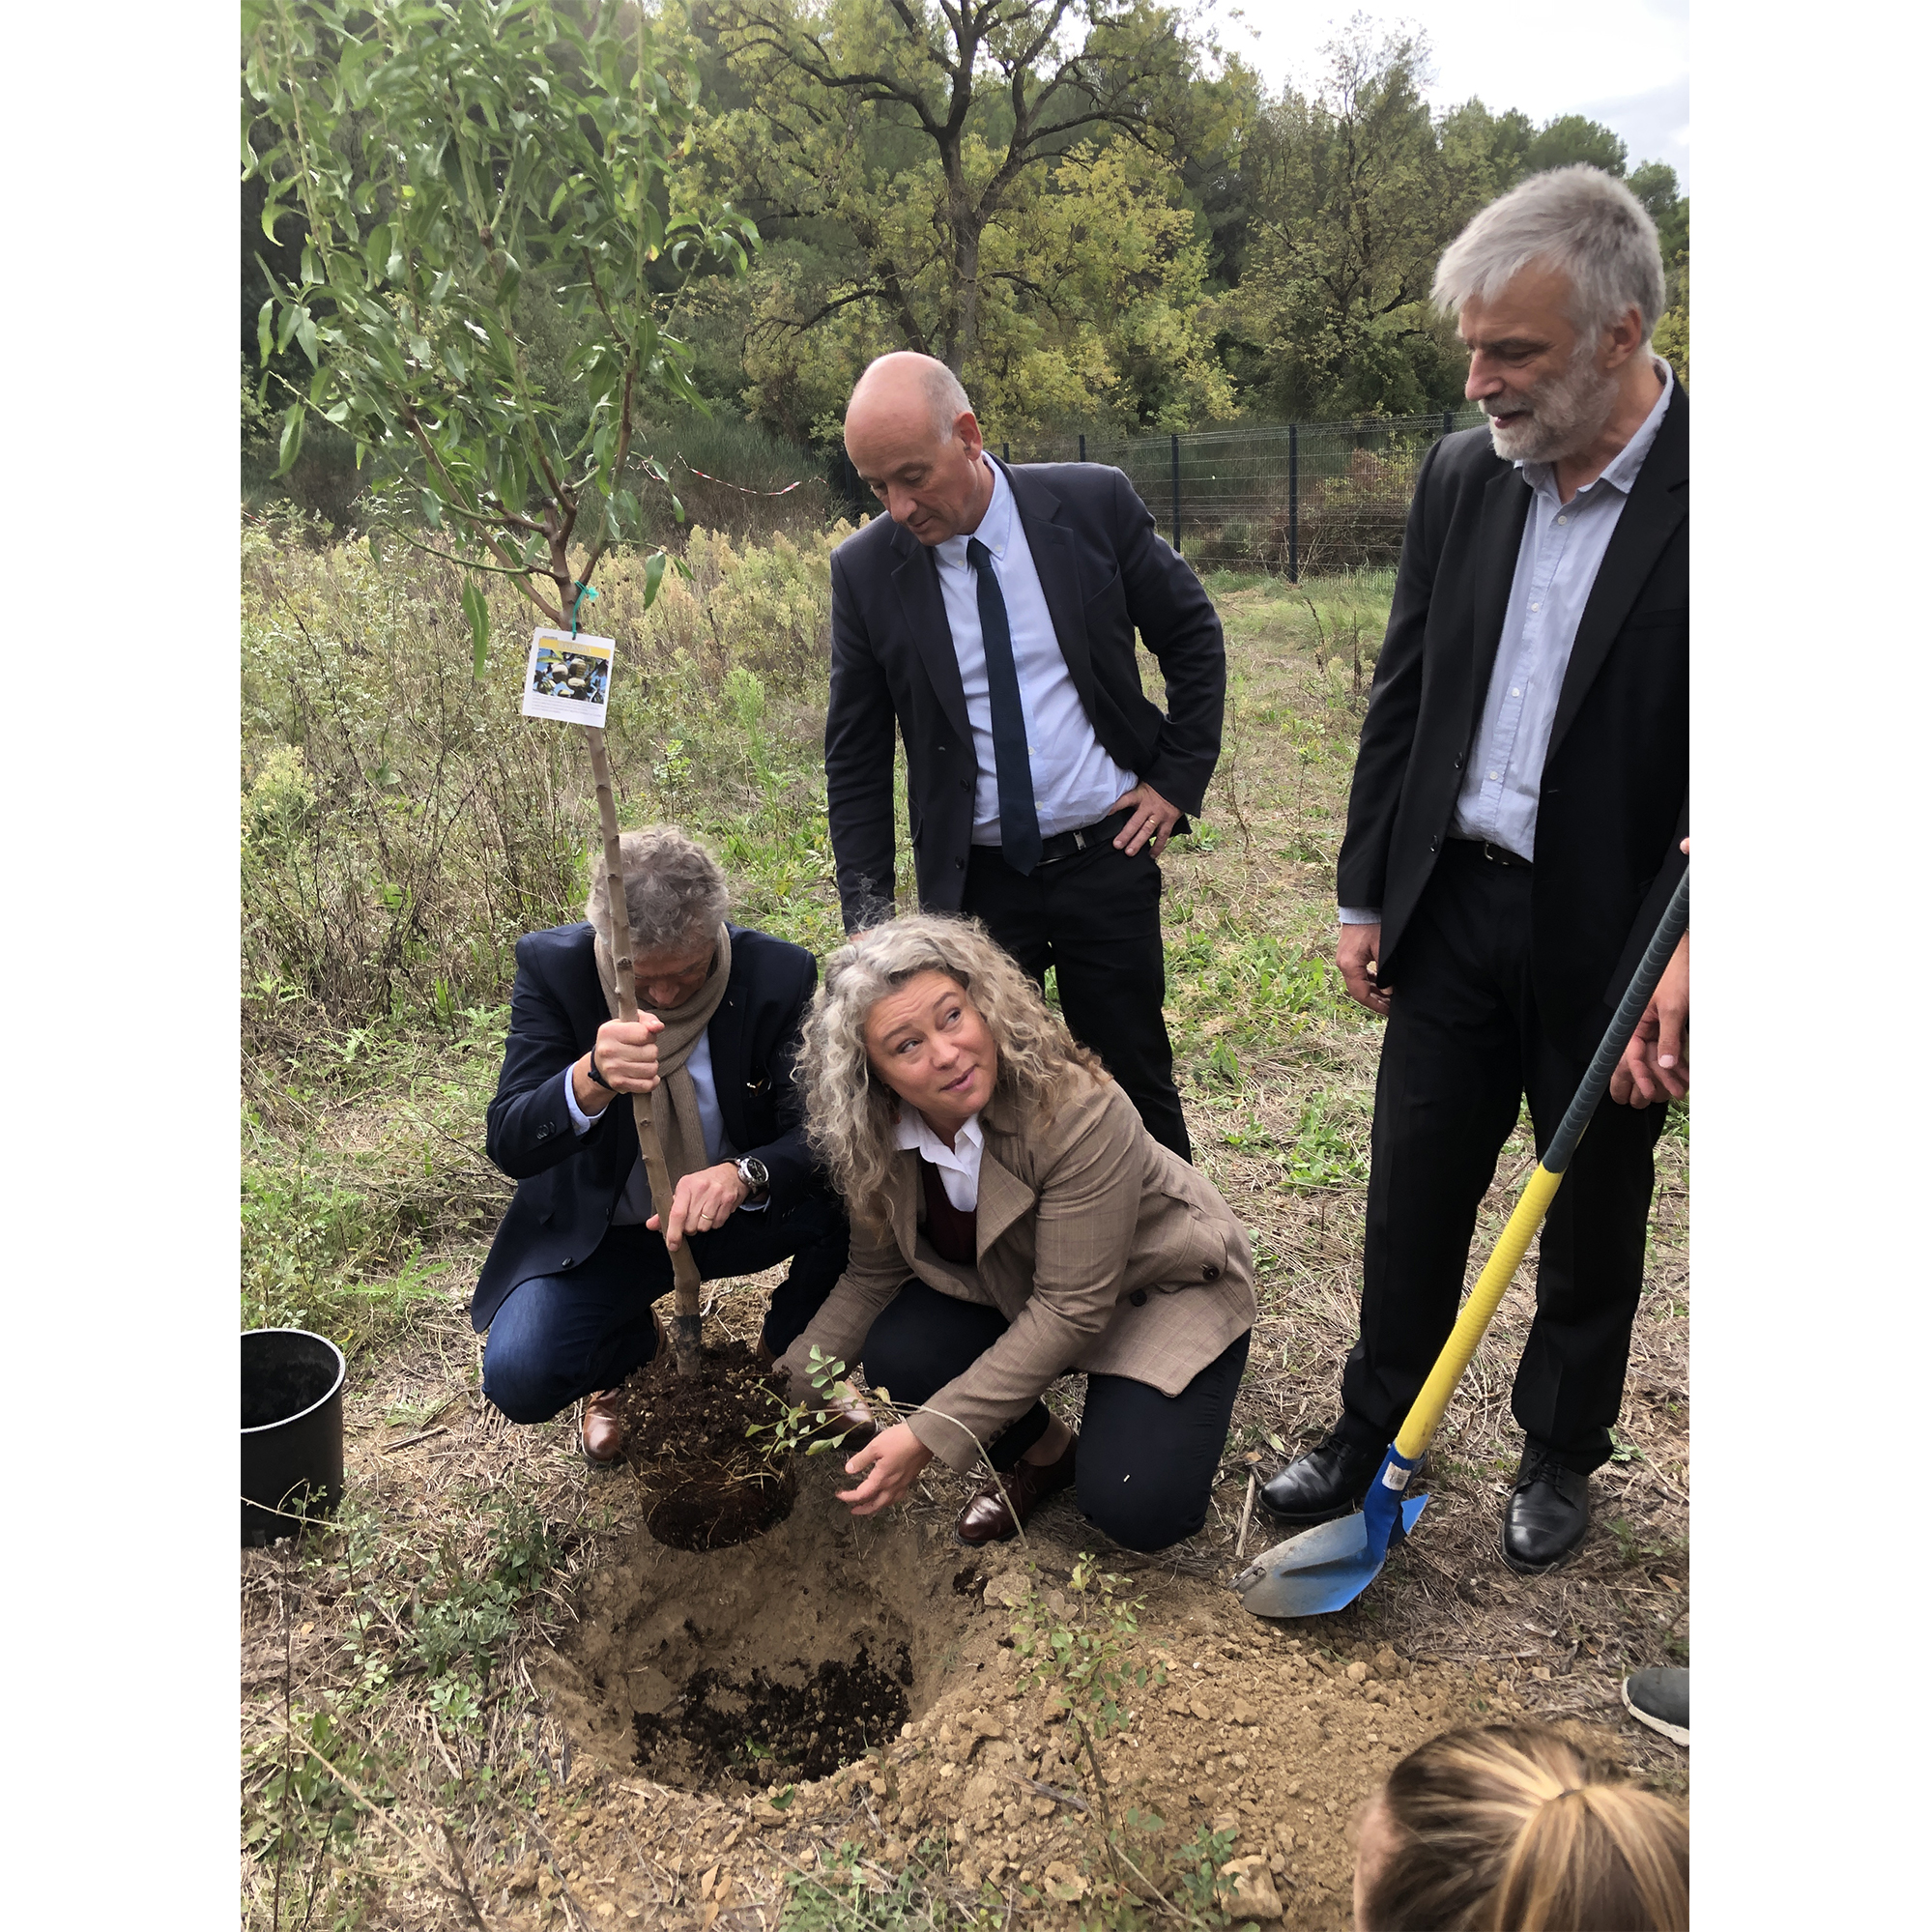 La Ville ouvre l'un des plus grands jardins partagés de France au sein de l'écoquartier de Caylus